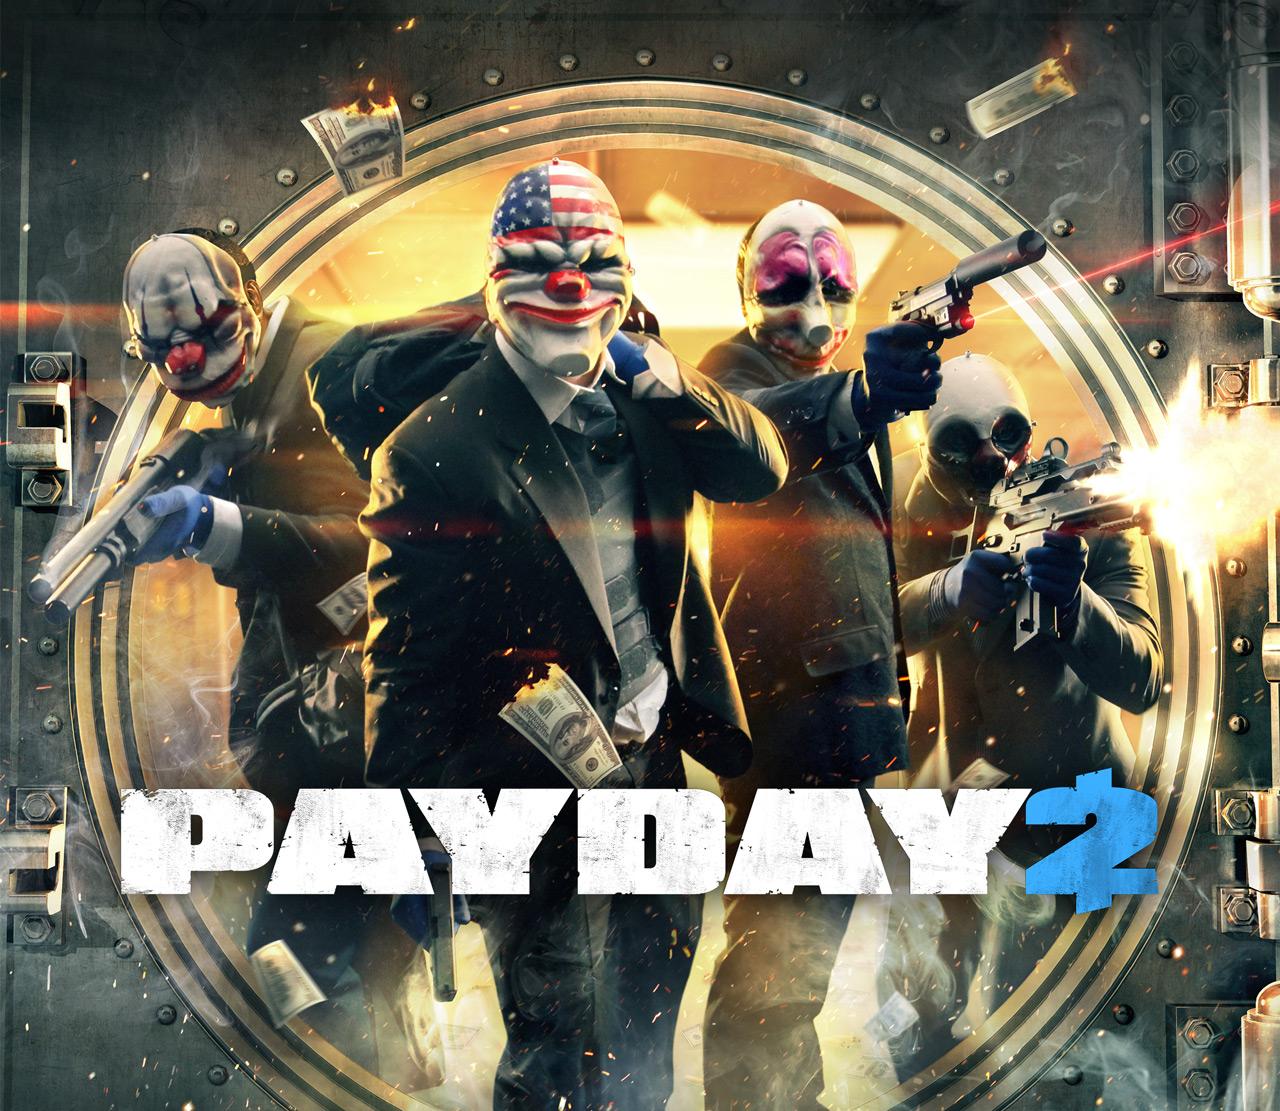 Produtora de Snake Pass foi responsável pelo port de Payday 2 no Nintendo Switch